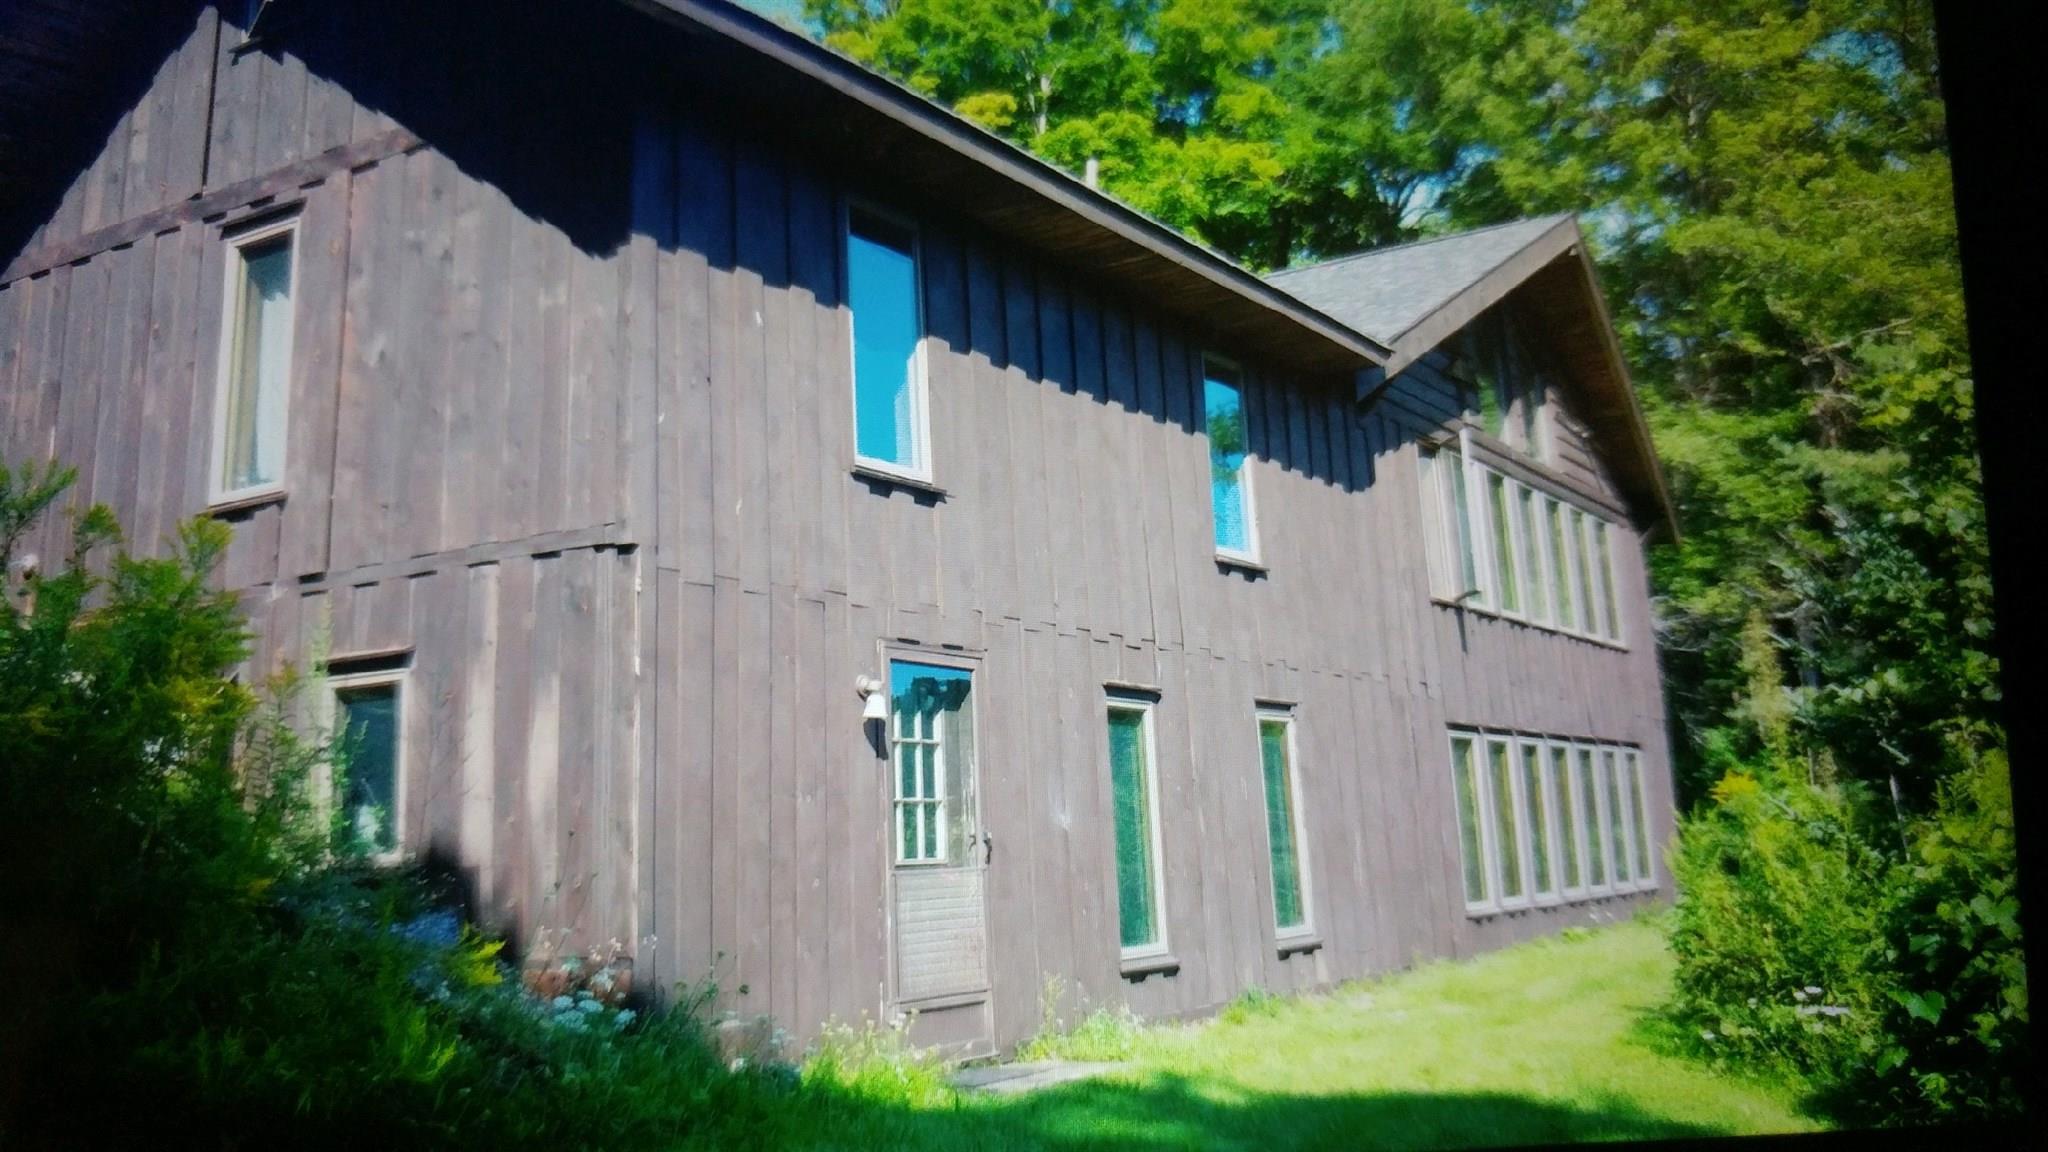 Gloversville image 84